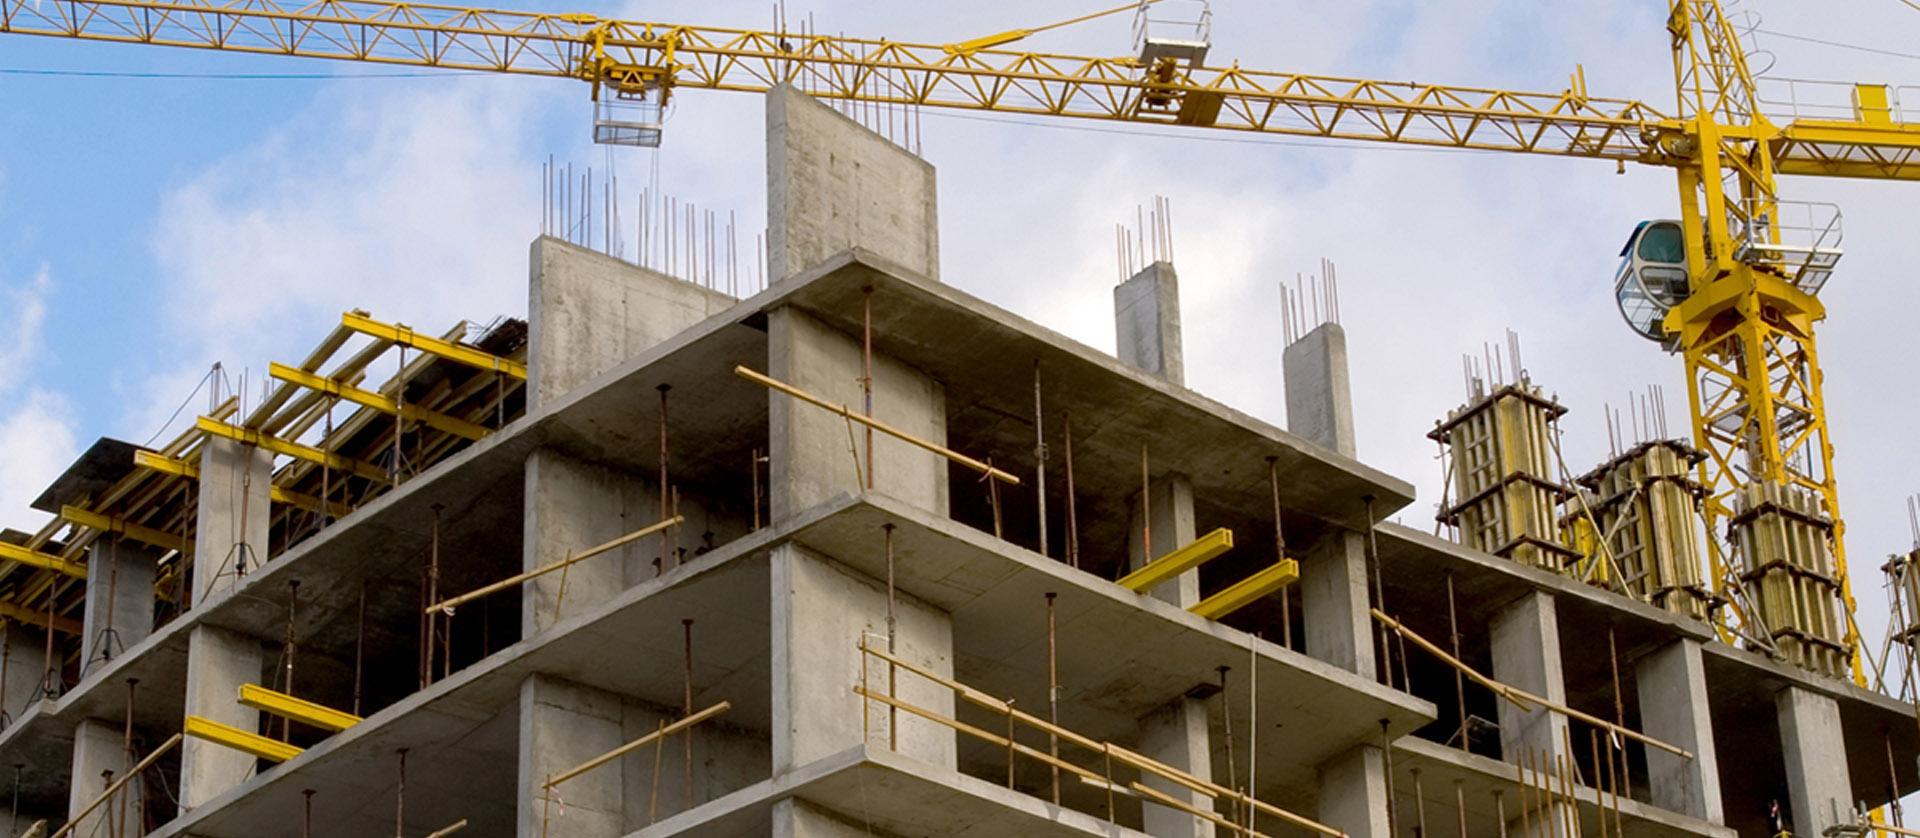 Обследование незавершенных и/или законсервированных объектов с целью определения объема и стоимости работ по переделке и завершению работ до завершения строительства и ввода в эксплуатацию